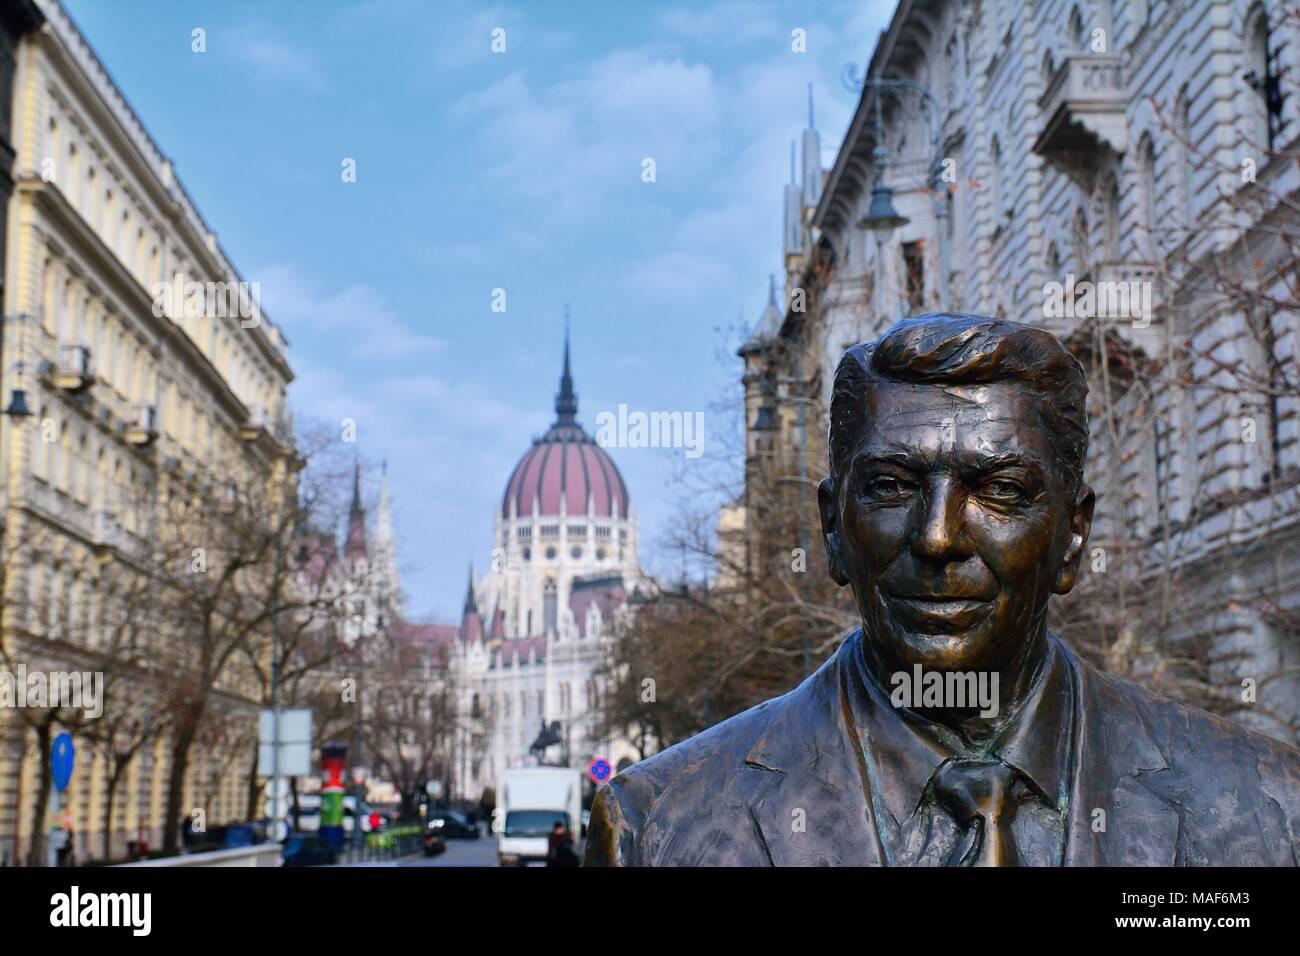 Budapest, Ungheria - 28 Marzo 2018: Statua dell'ex U.S. Il Presidente Ronald Reagan sullo sfondo del parlamento ungherese edificio. Statua di sc Foto Stock